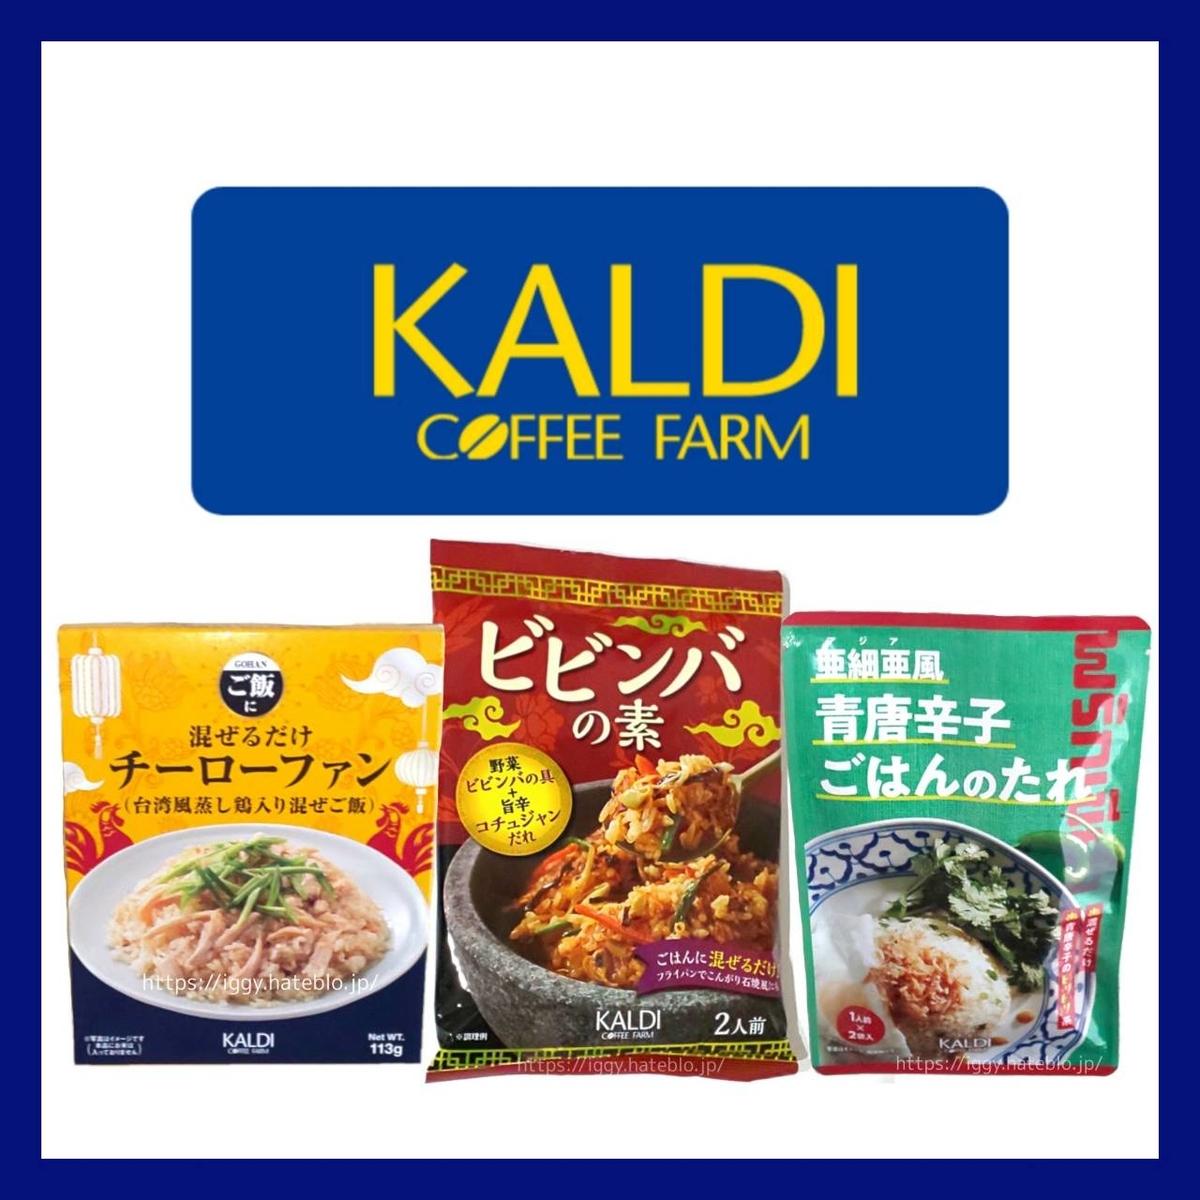 【KALDI】簡単!ご飯に混ぜるだけ「チーローファン」「ビビンバの素」「青唐辛子ごはんのたれ」